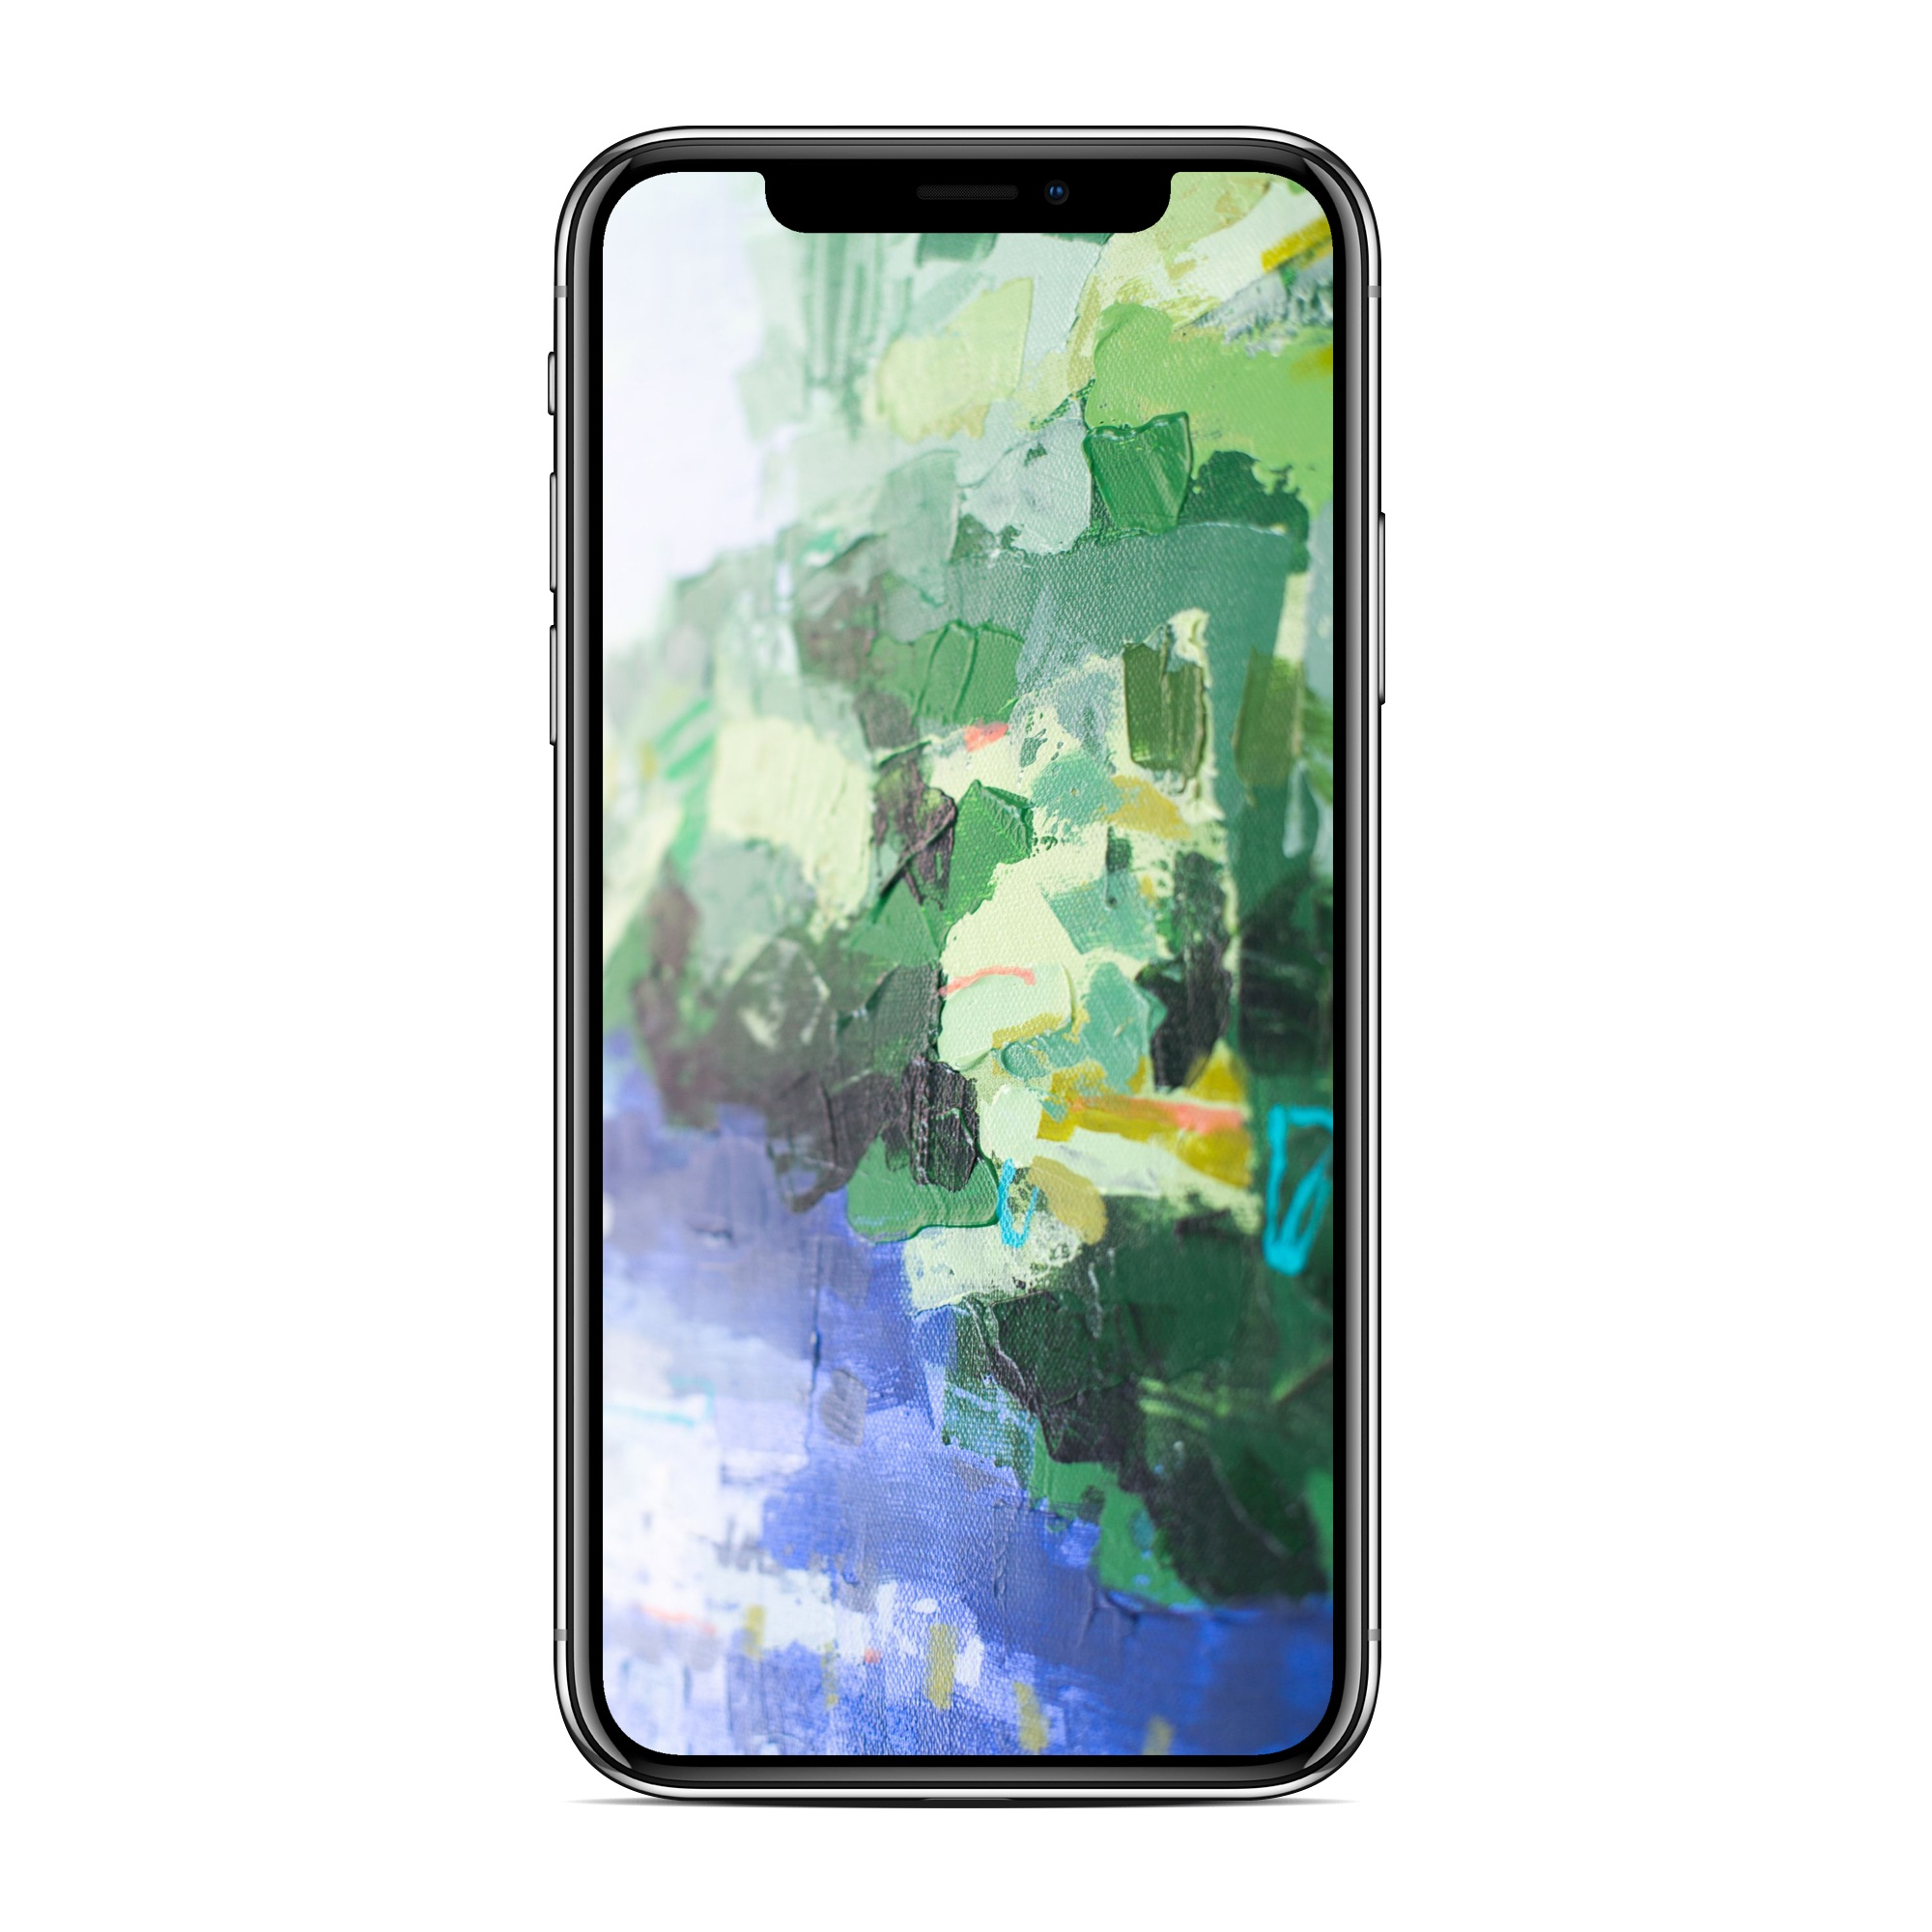 iphonexspacegrey_landscape.jpg